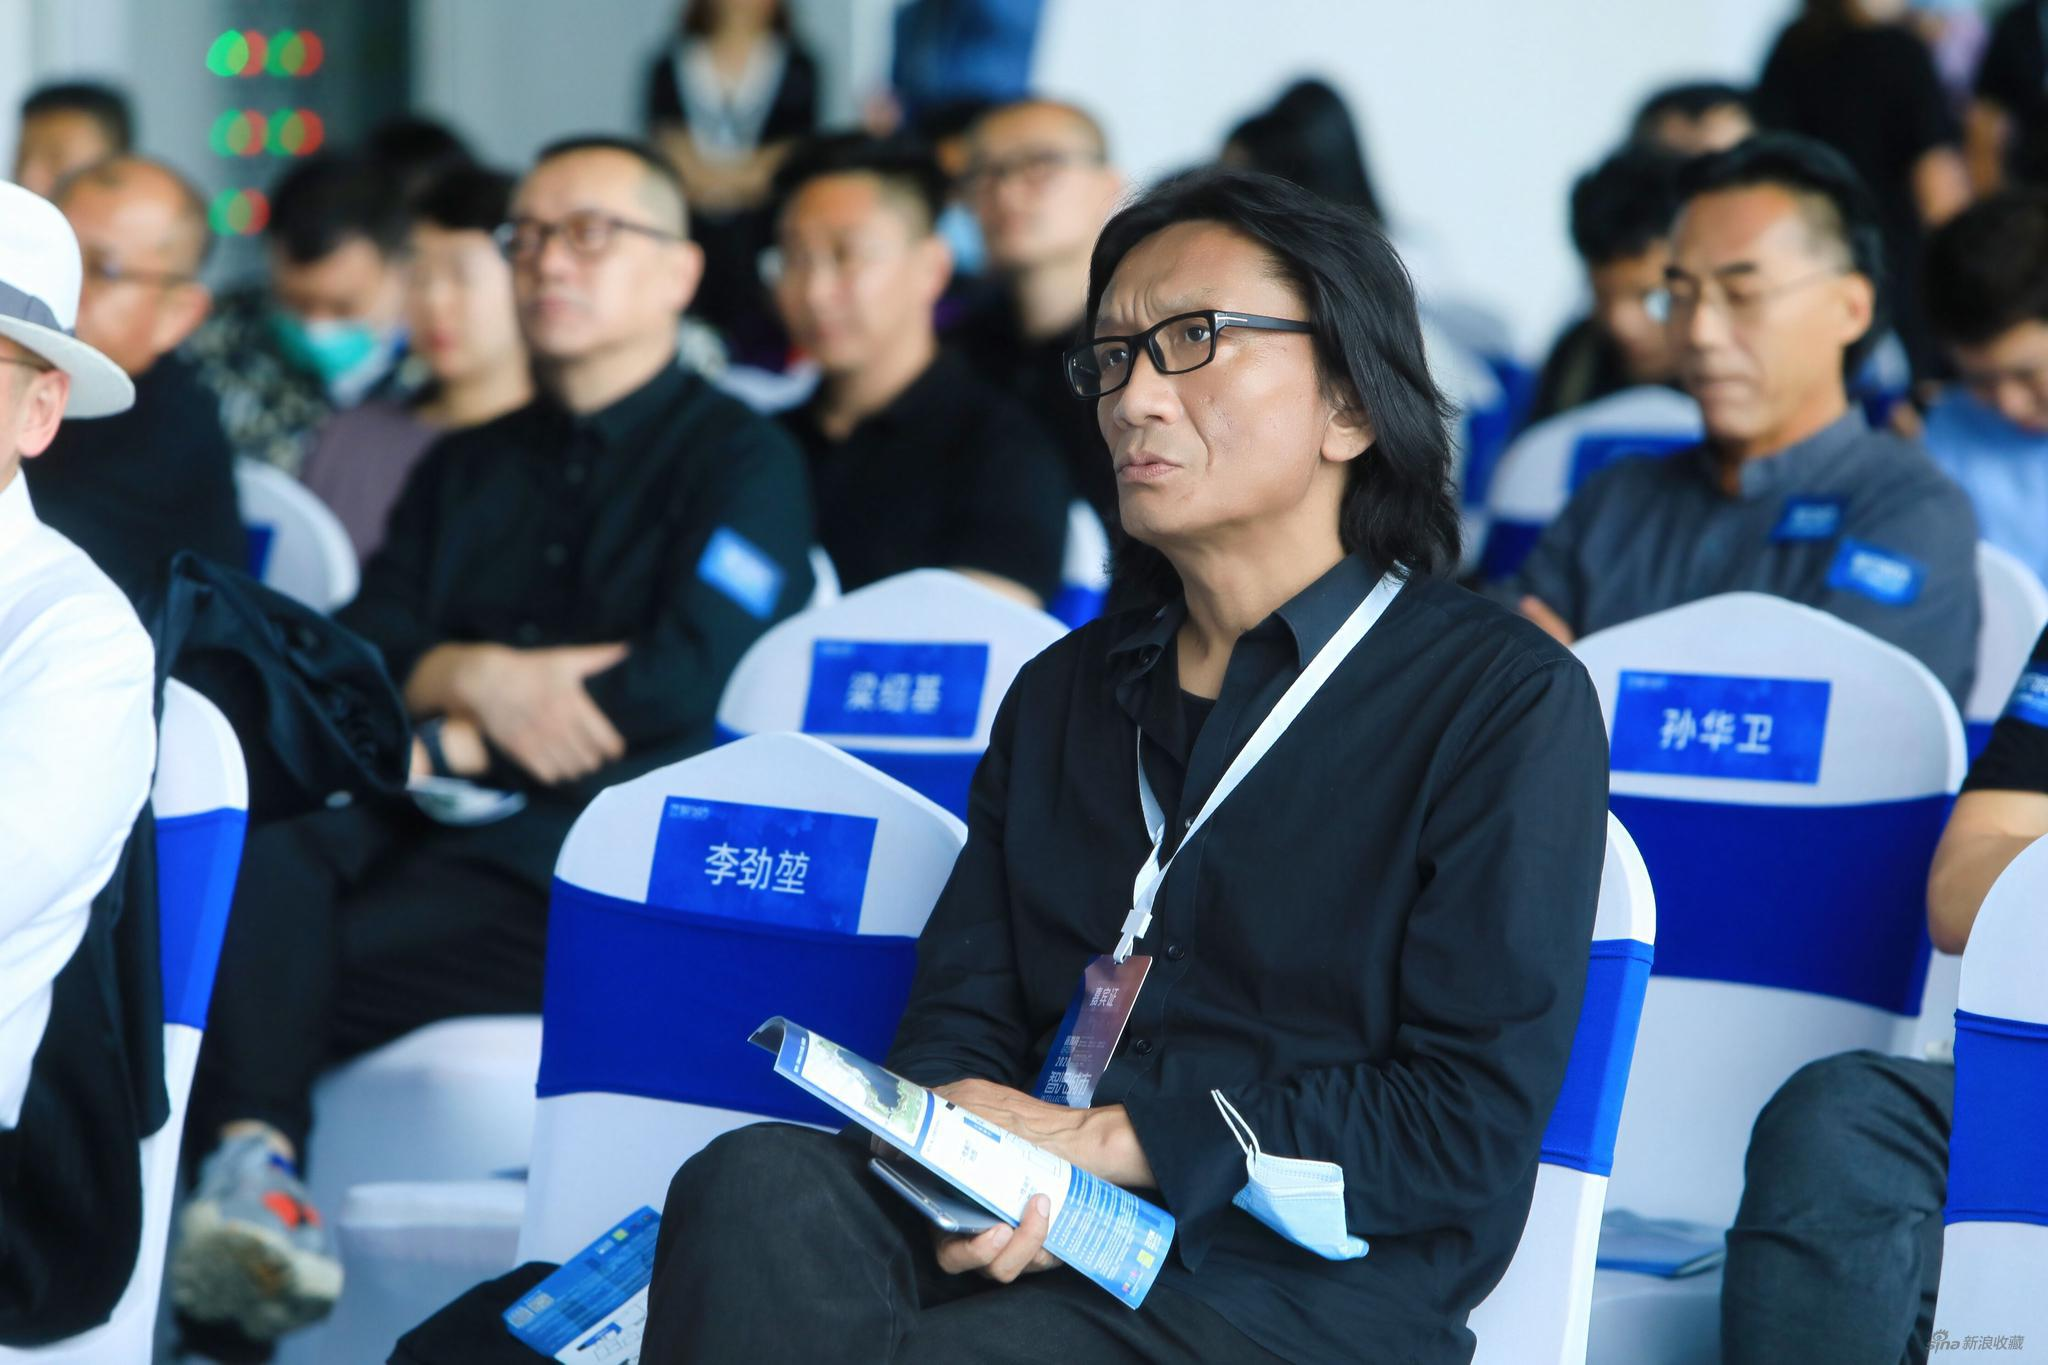 中央美术学院副院长、中国美术家协会版画艺委会主任苏新平出席开幕